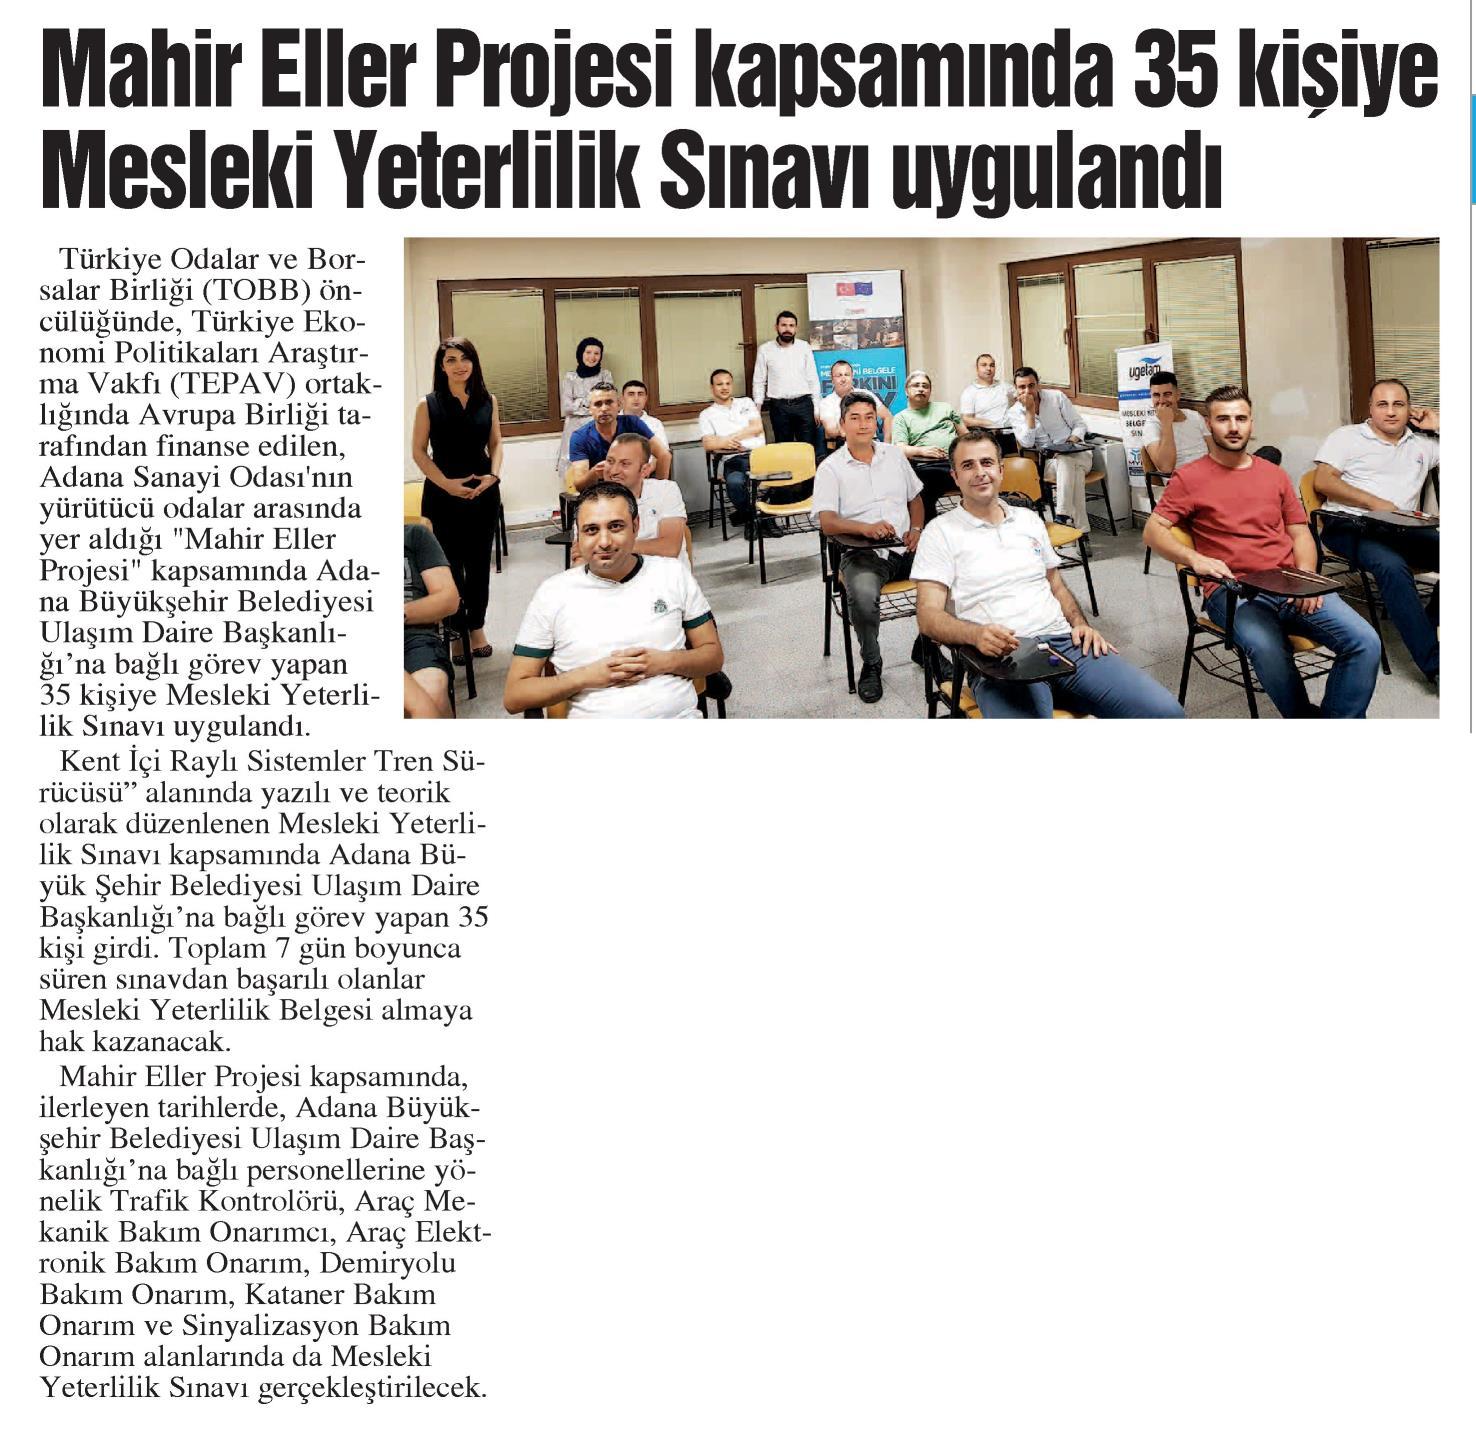 Mahir Eller Projesi Kapsamında 35 Kişiye Mesleki Yeterlilik Sınavı Uygulandı Adana Sanayi Odası